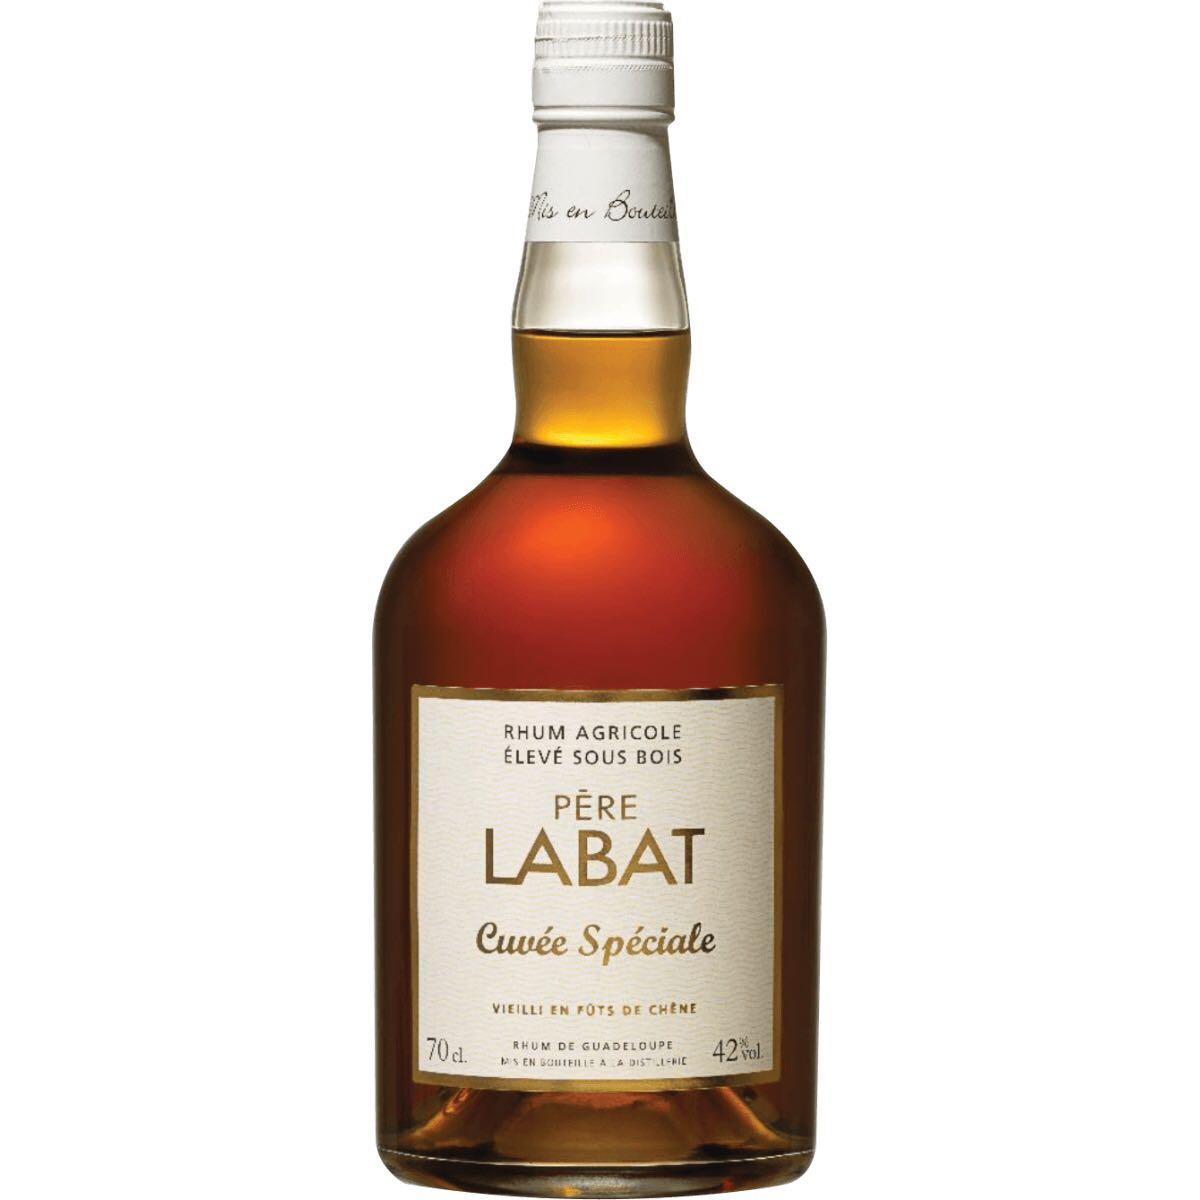 Bottle image of Père Labat Cuvée Spéciale